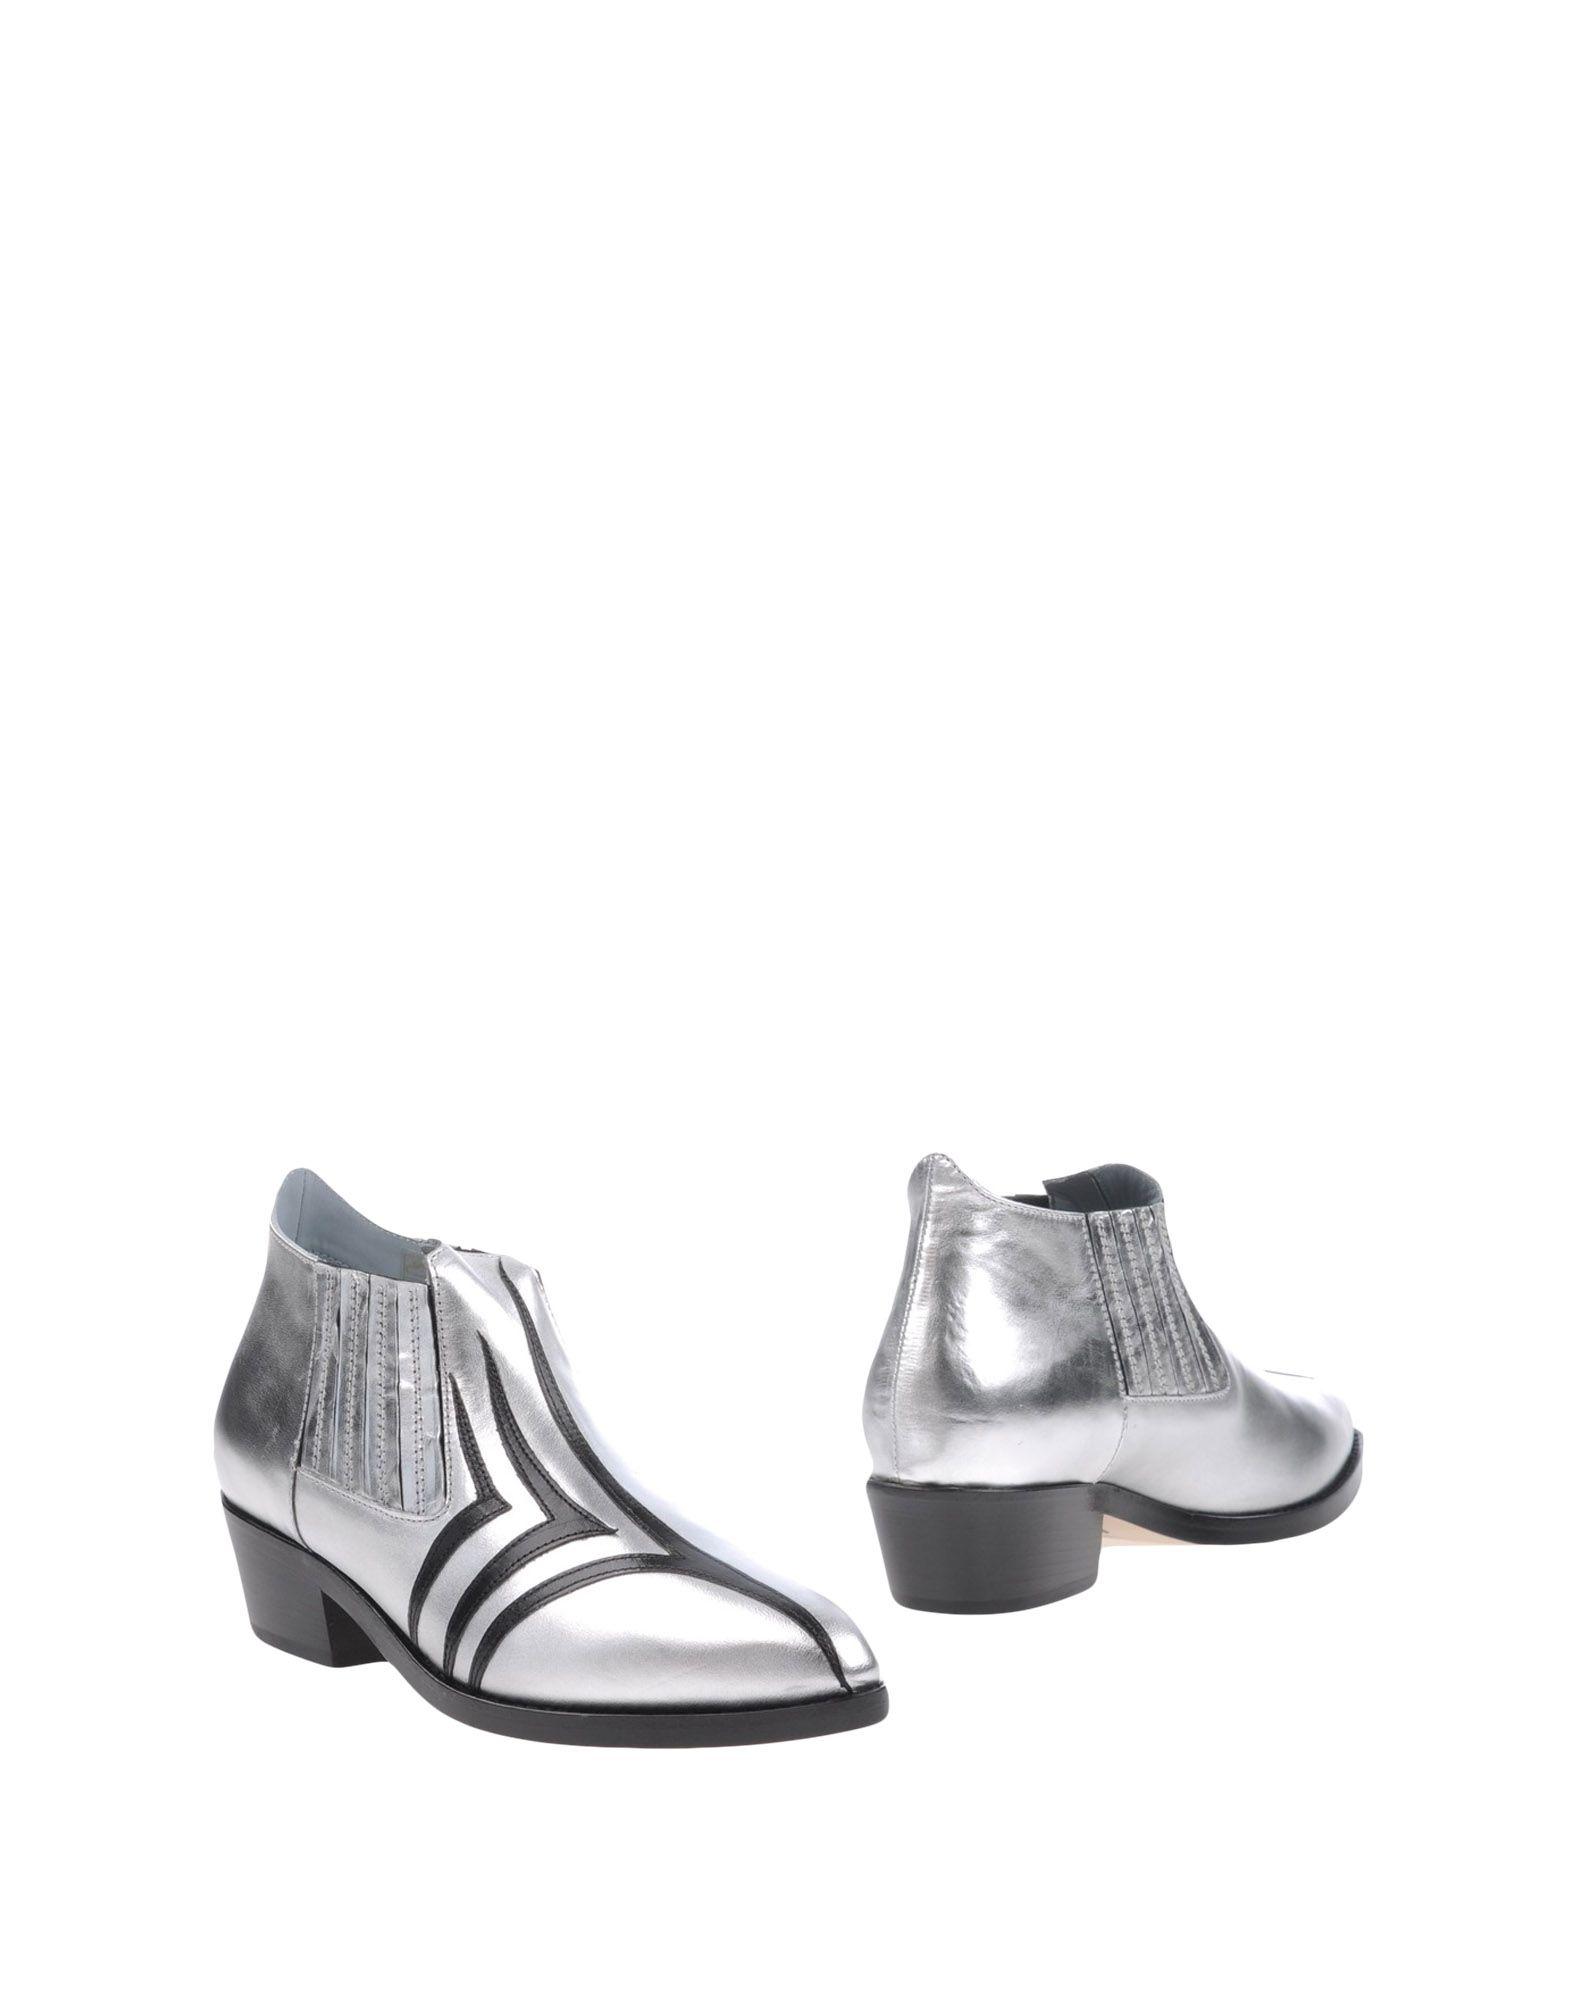 CHIARA FERRAGNI Полусапоги и высокие ботинки купить футбольную форму челси торрес